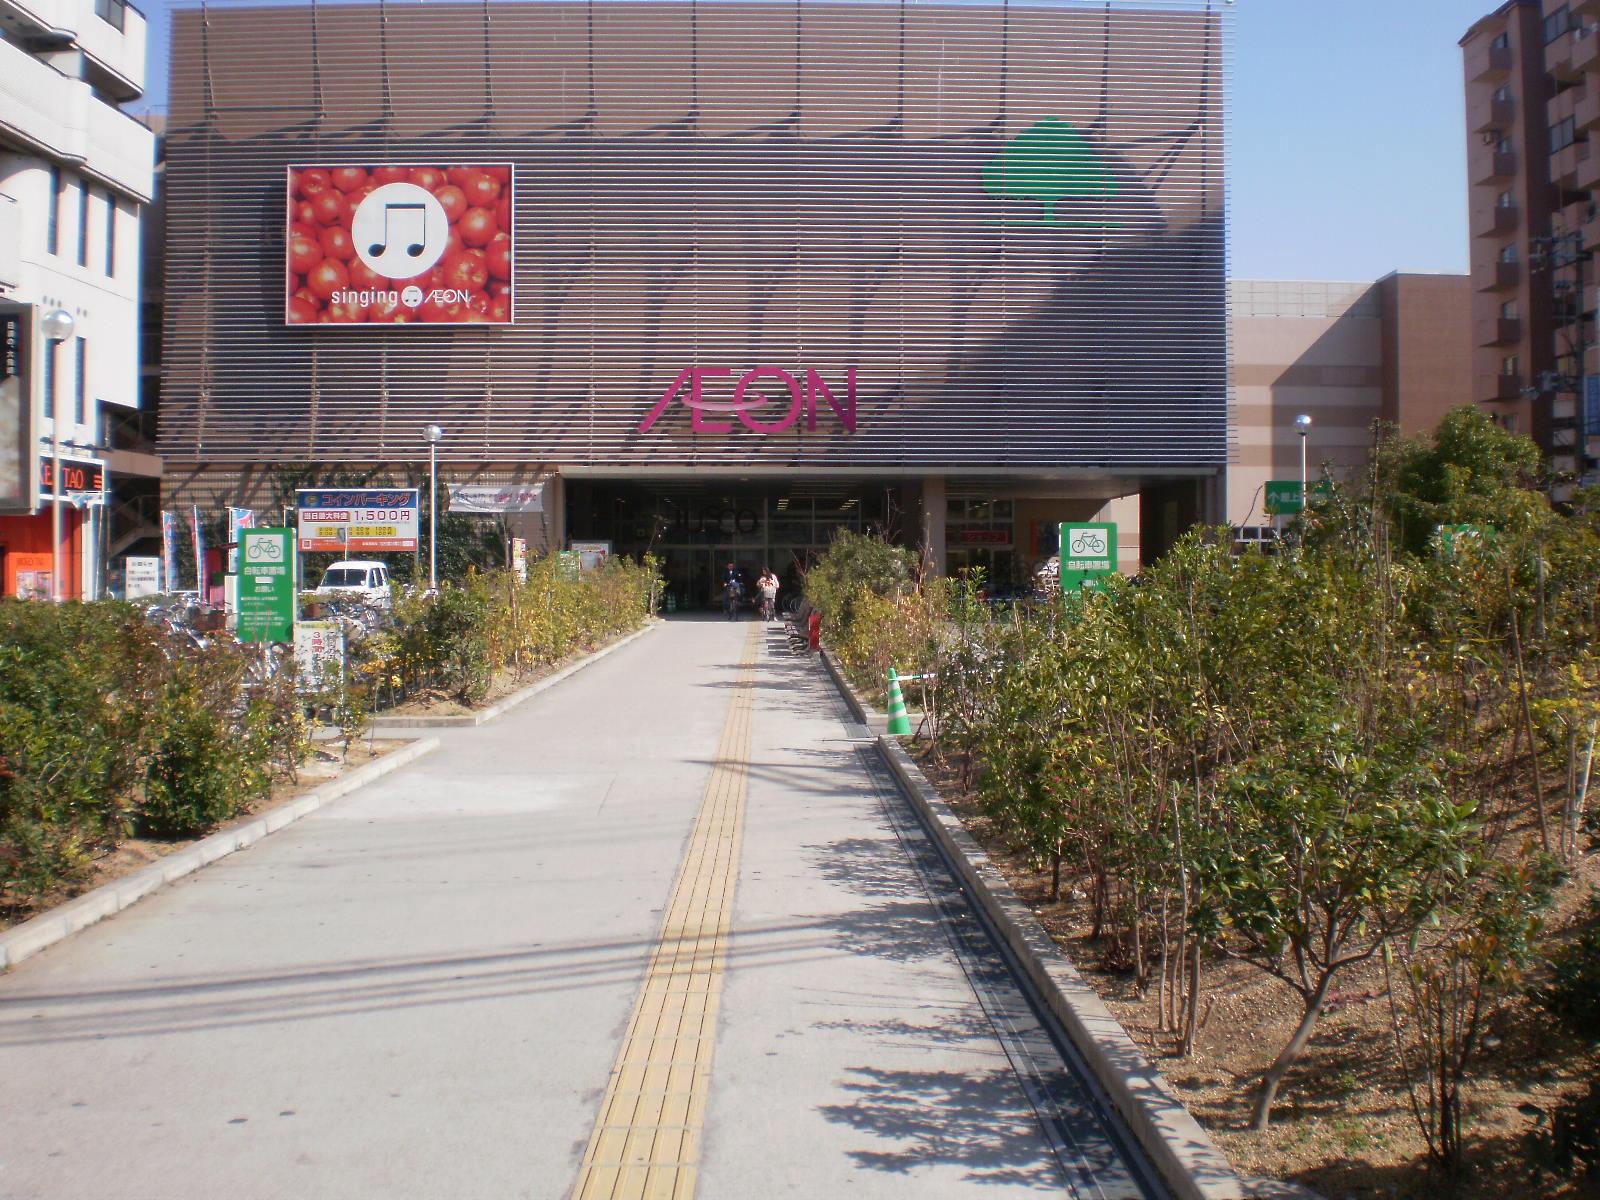 ショッピングセンター イオン喜連瓜破ショッピングセンター(ショッピングセンター)まで271m